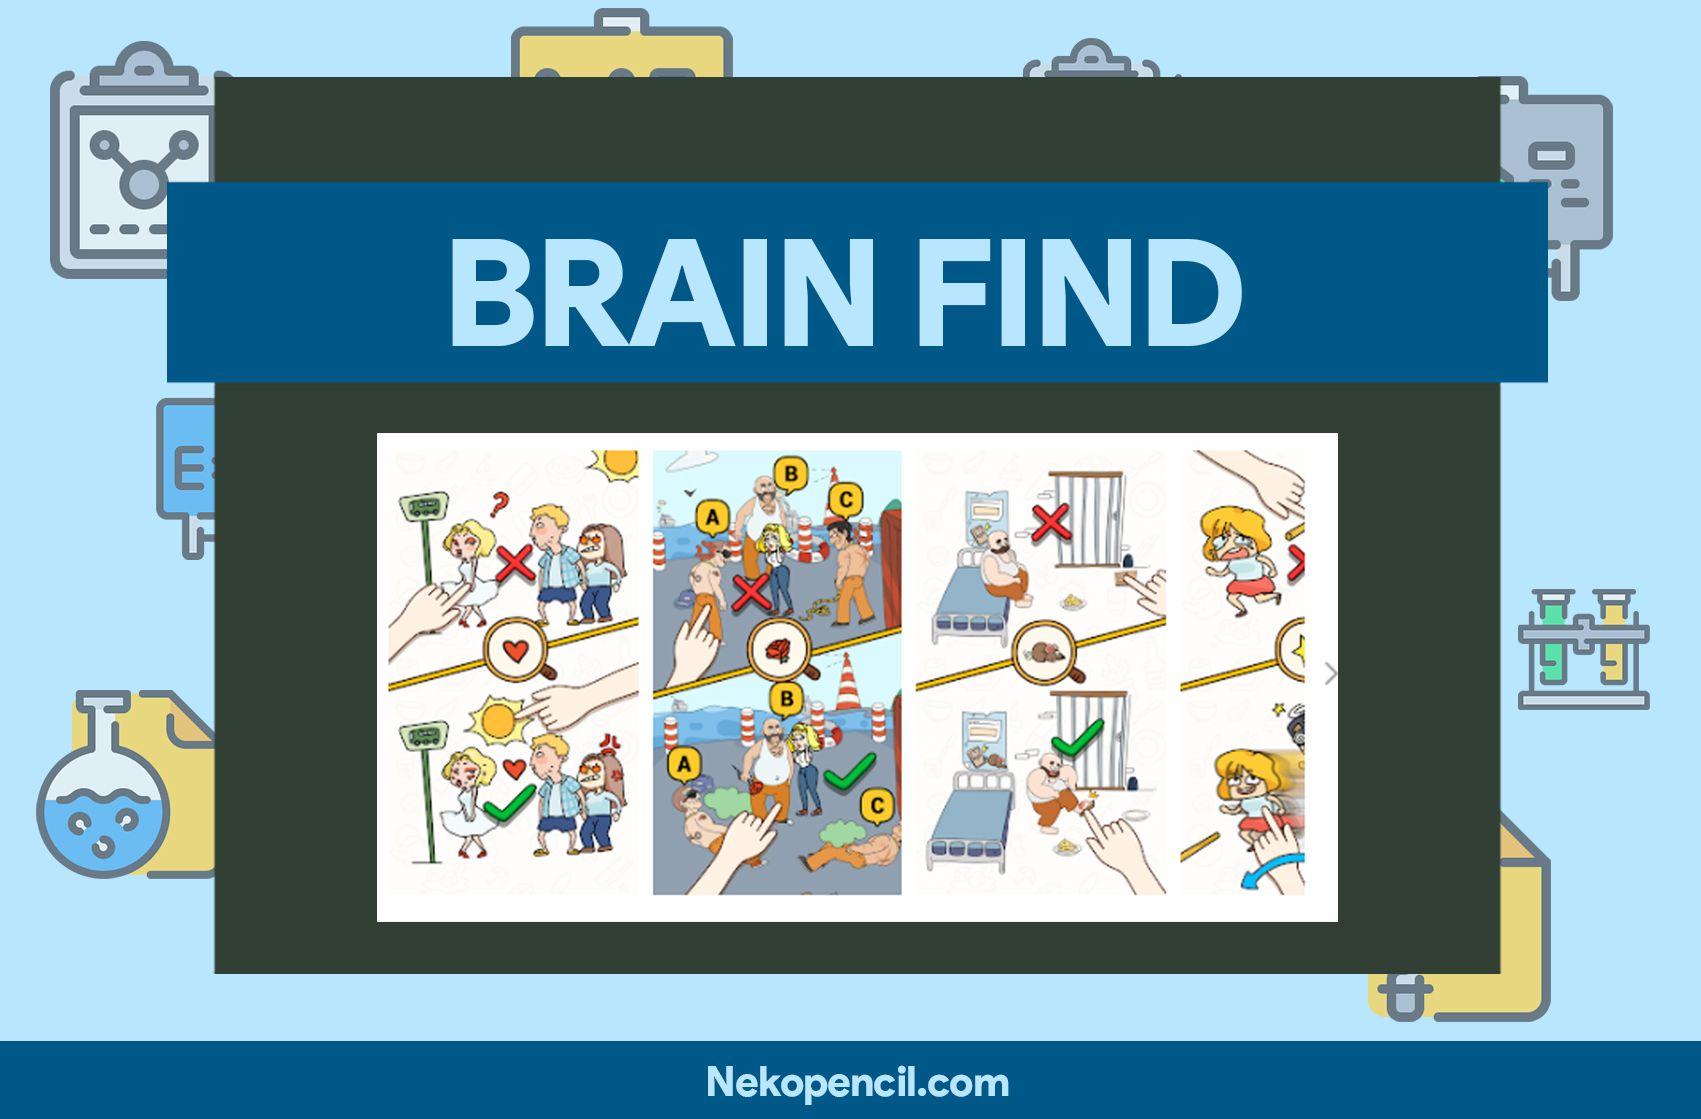 Kunci Jawaban Brain Find Level 1 8211 125 Lengkap Dan Terbaru Asah Otak Anjing